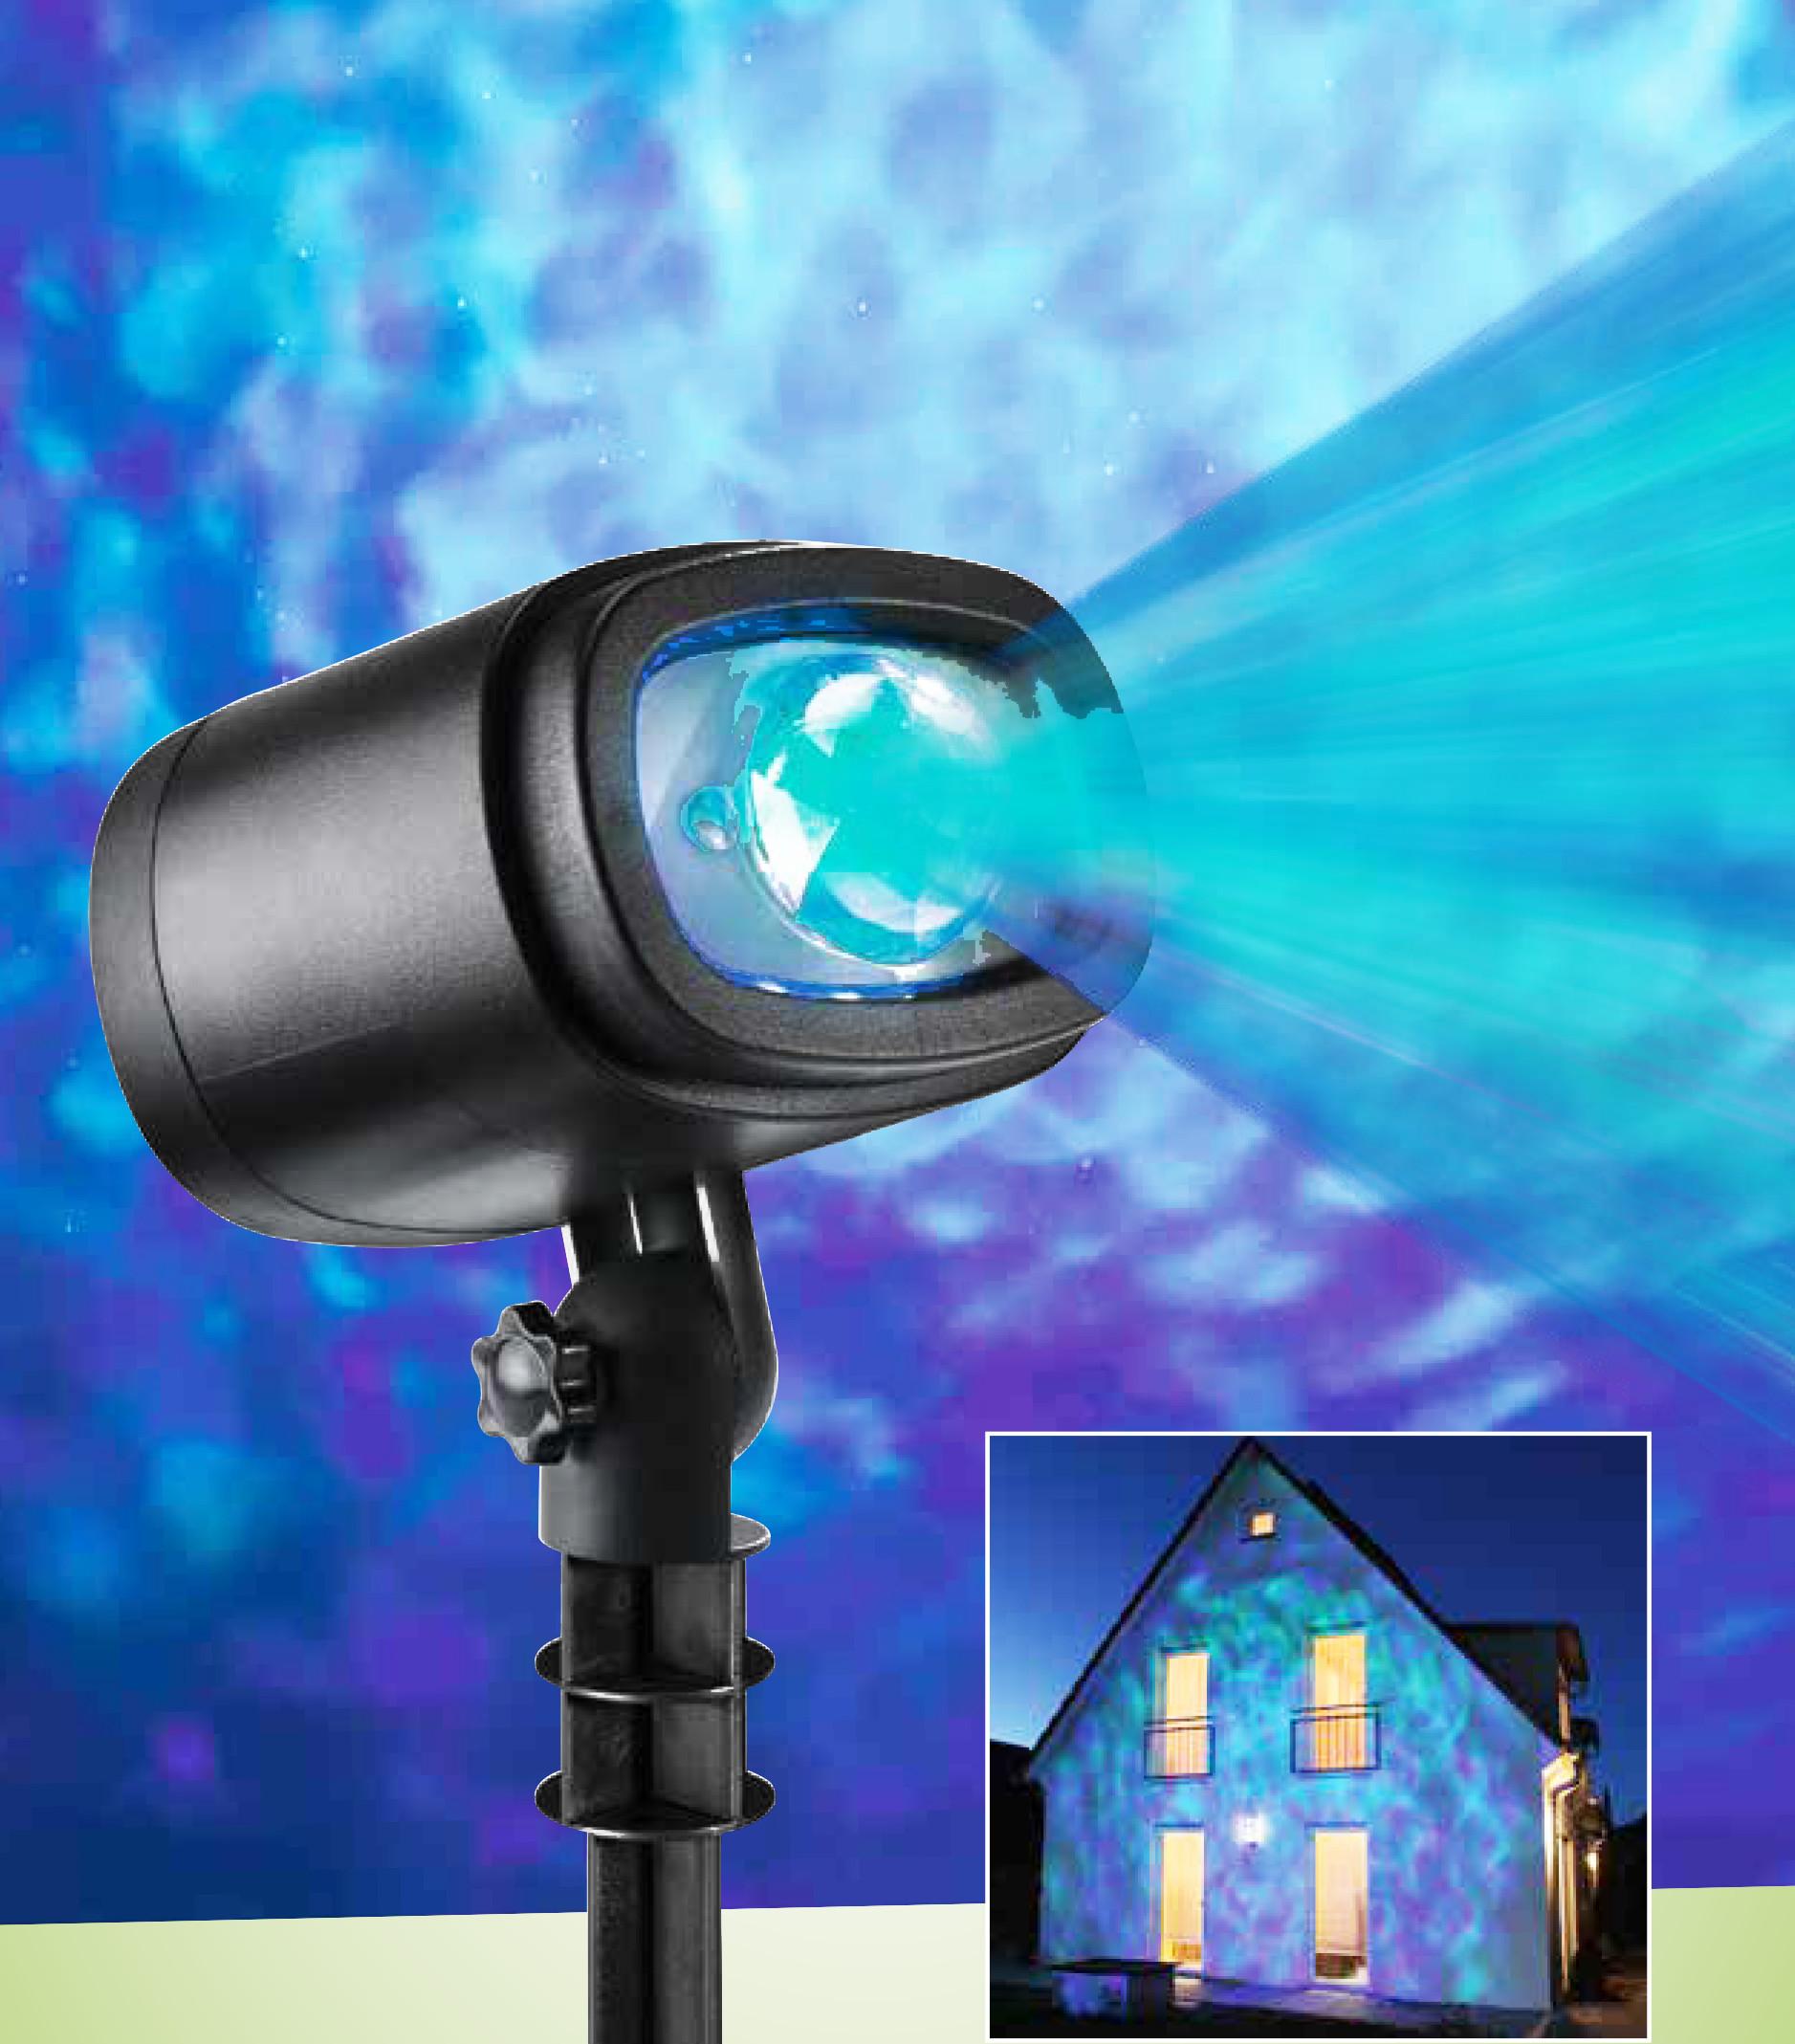 Proiector - Apă (cu LED și telecomandă) imagine edituradiana.ro